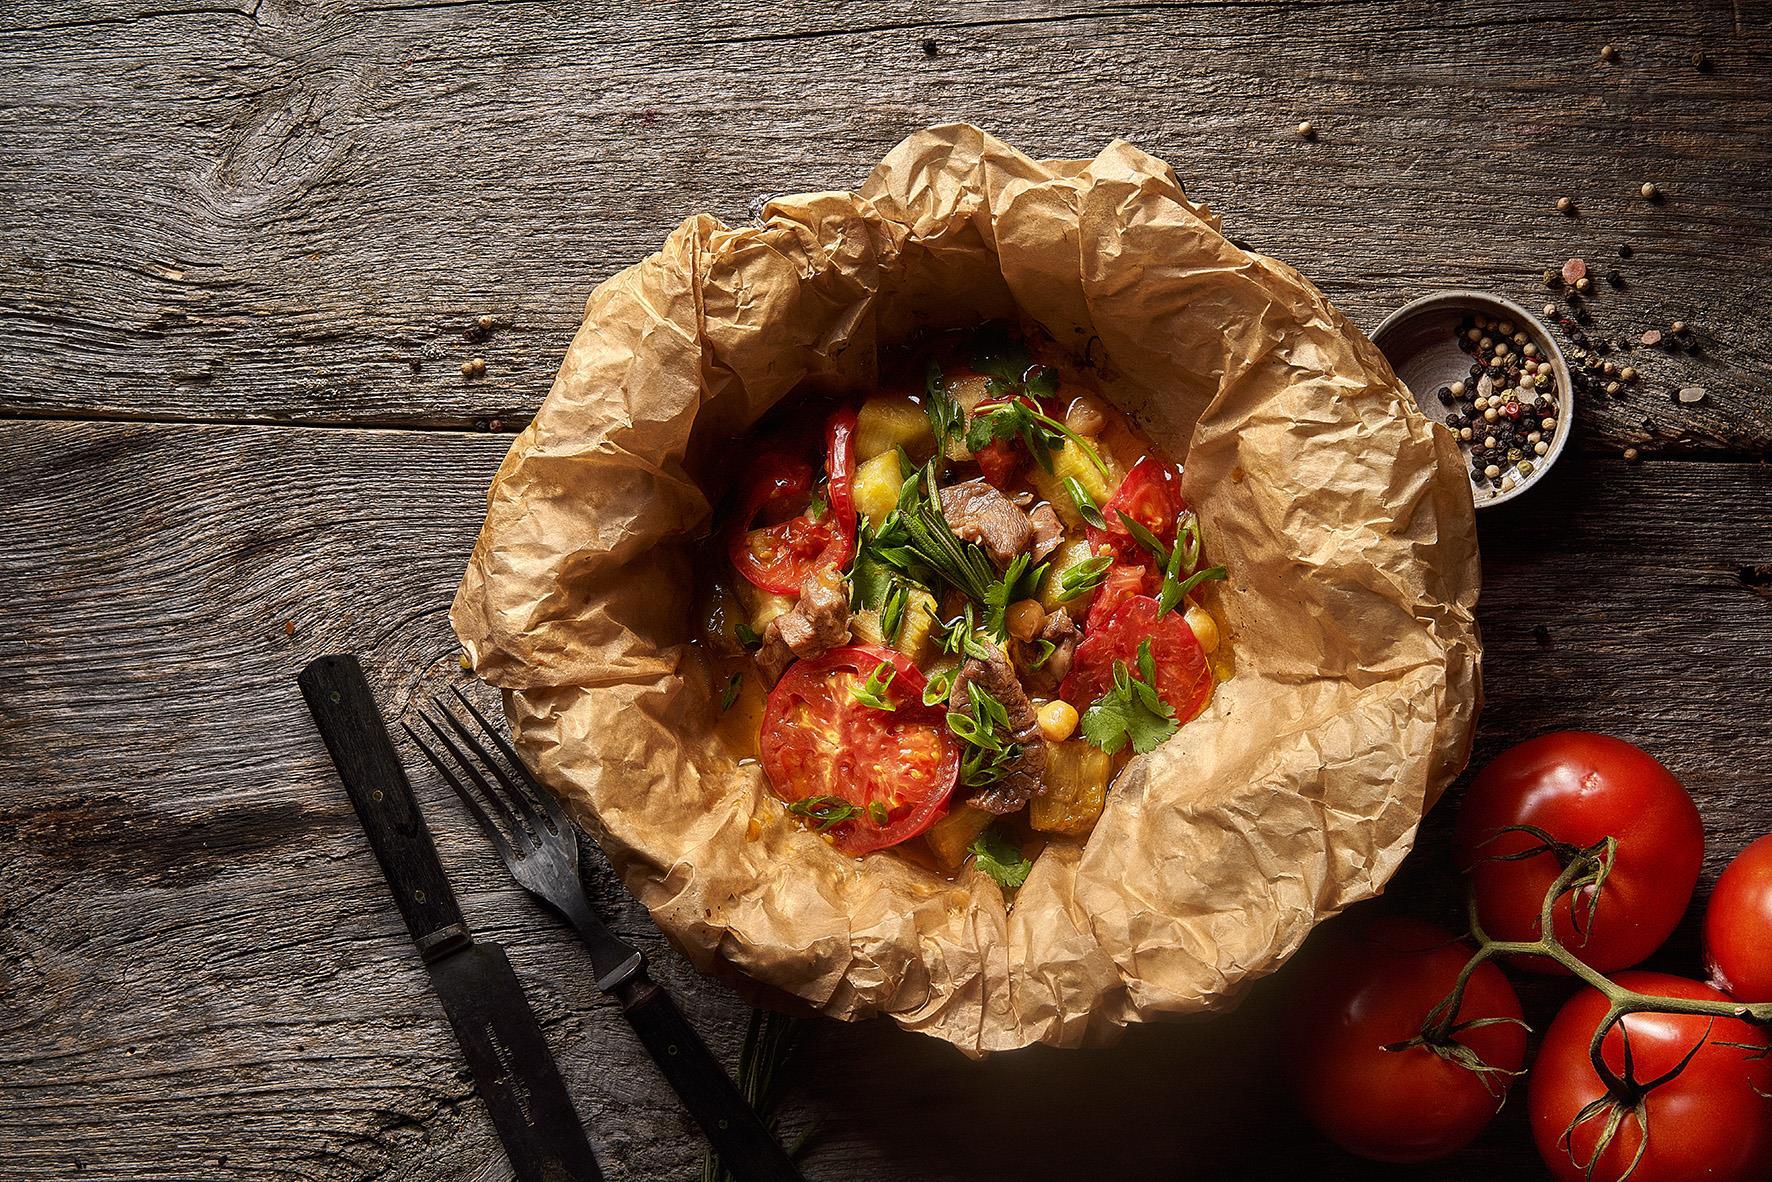 Тушёная баранина с баклажанами и помидорами